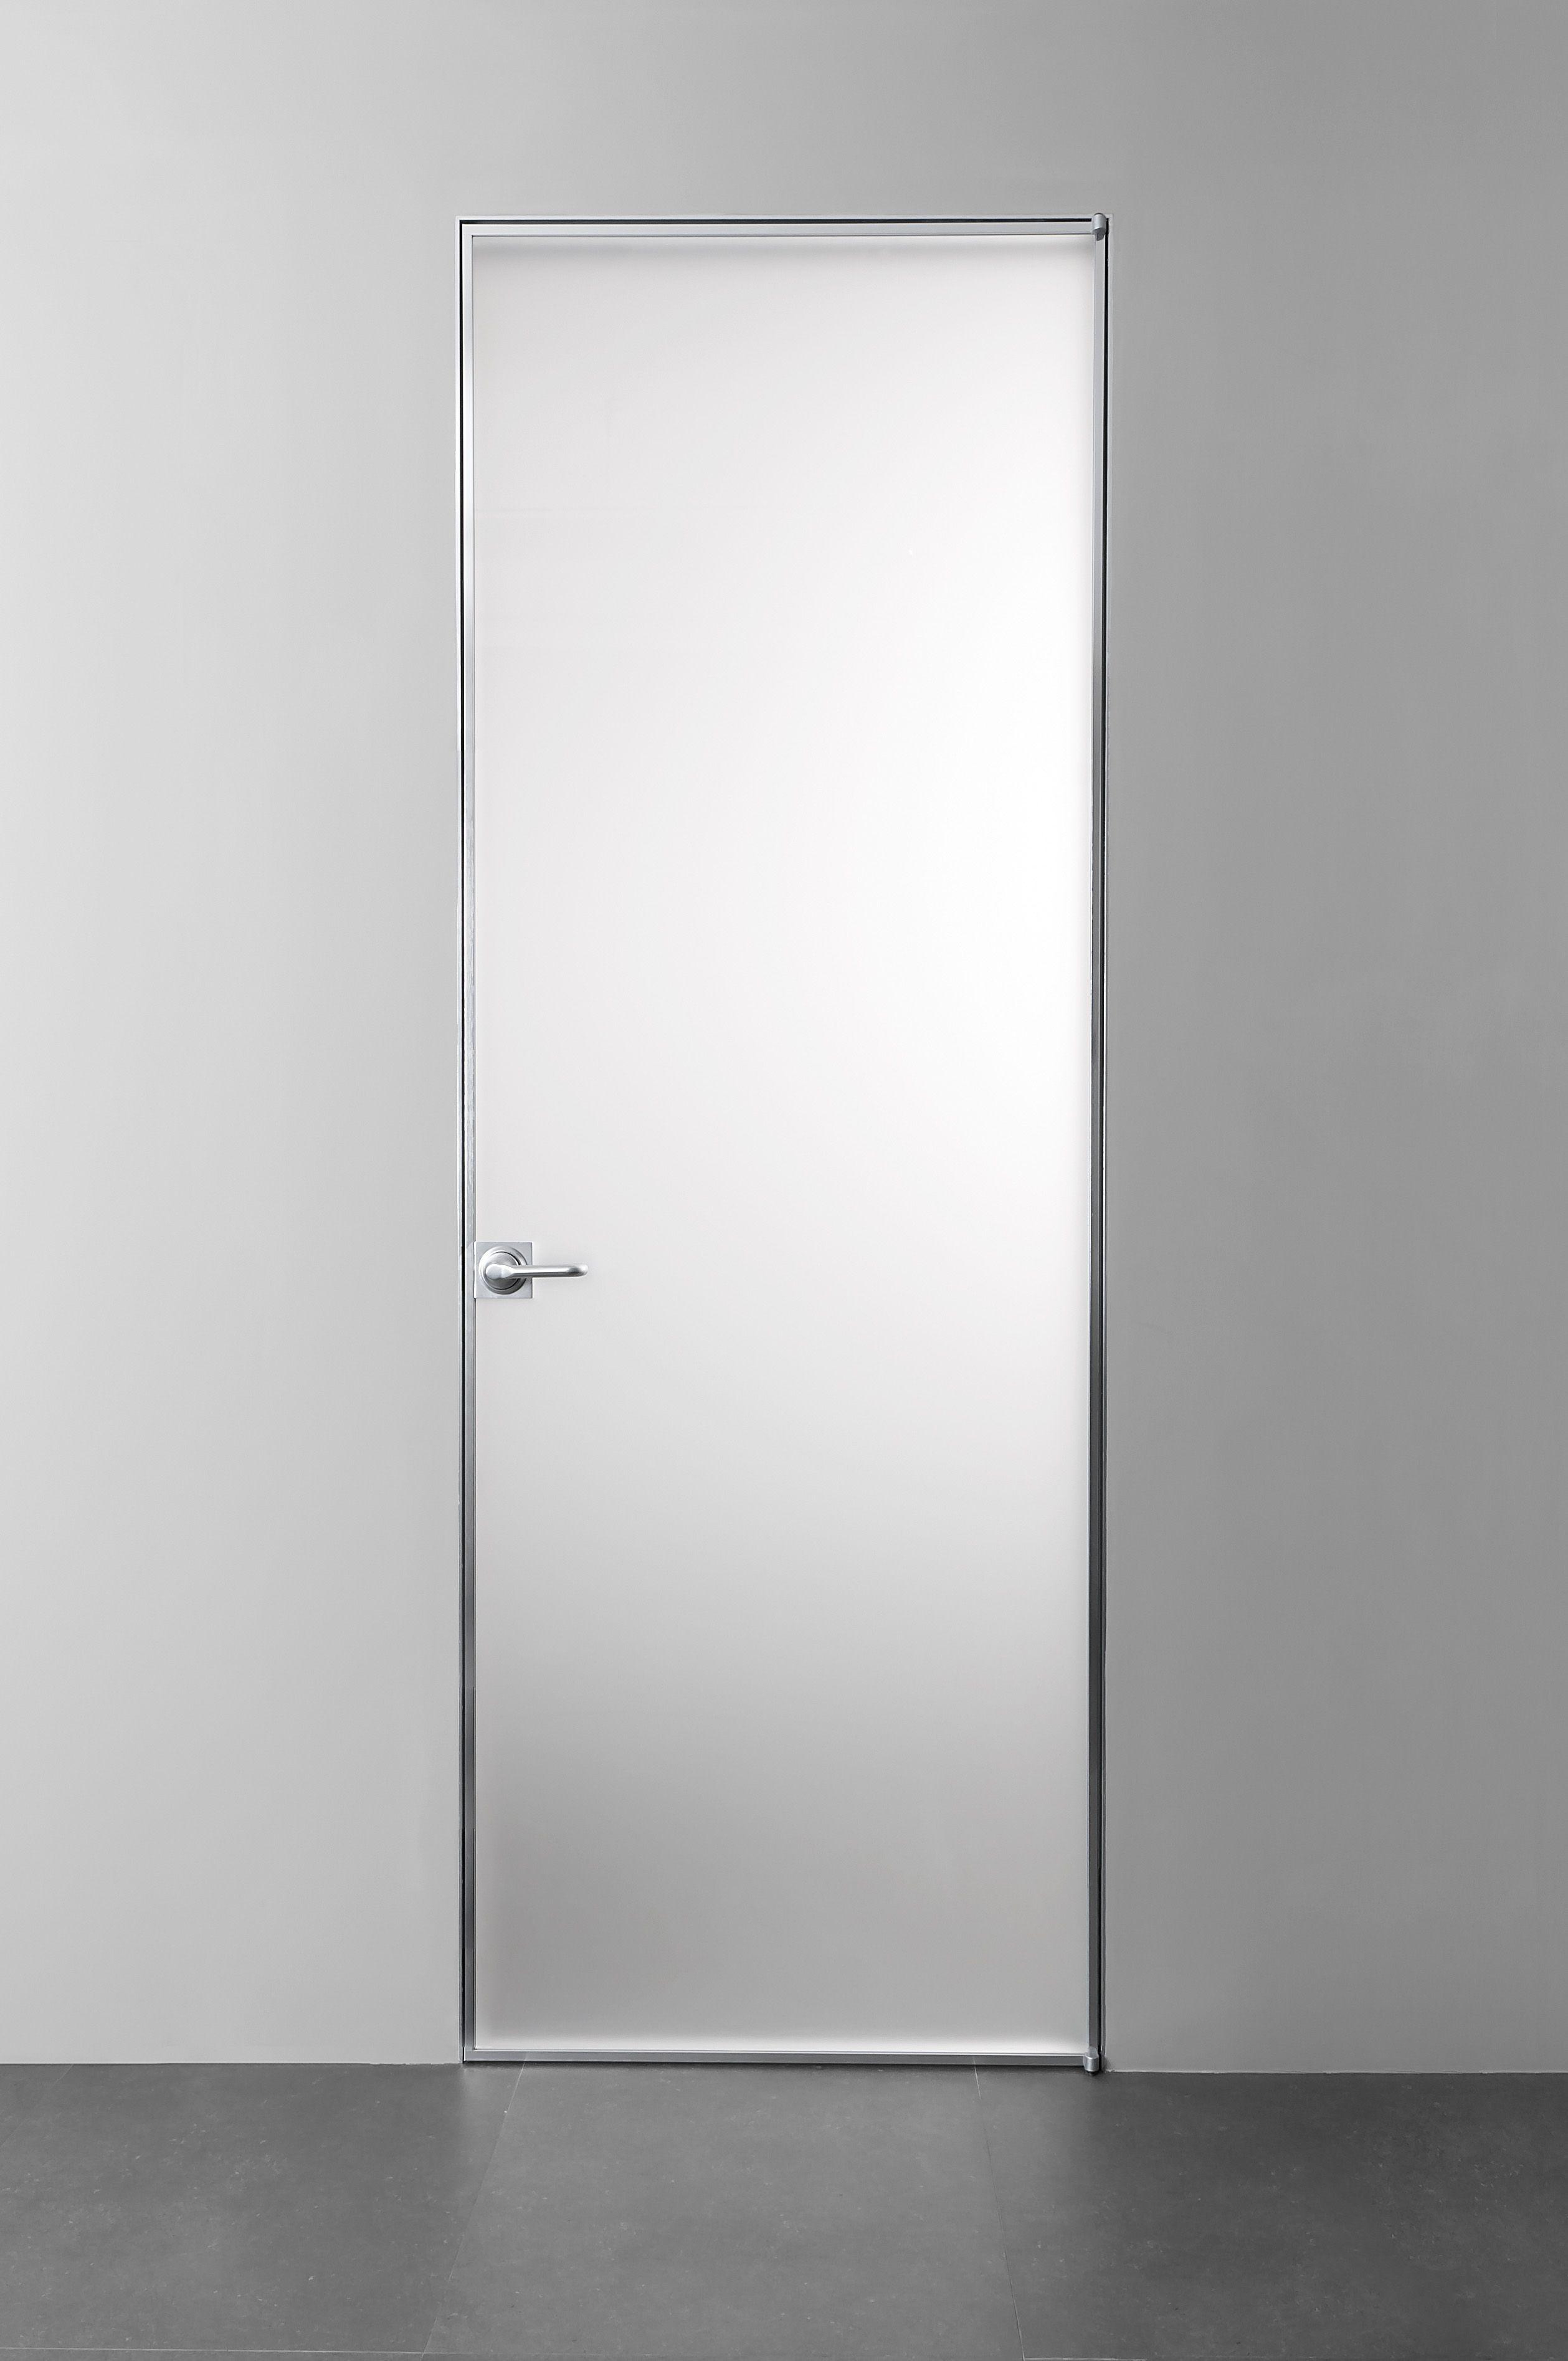 Trait porta a filo muro by albed by delmonte design - Porta filo muro prezzi ...